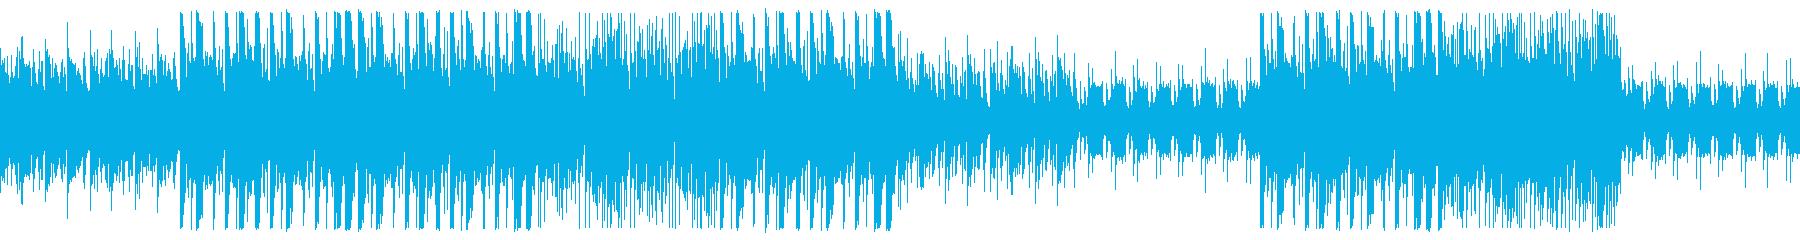 クールなTRAP風BGMの再生済みの波形